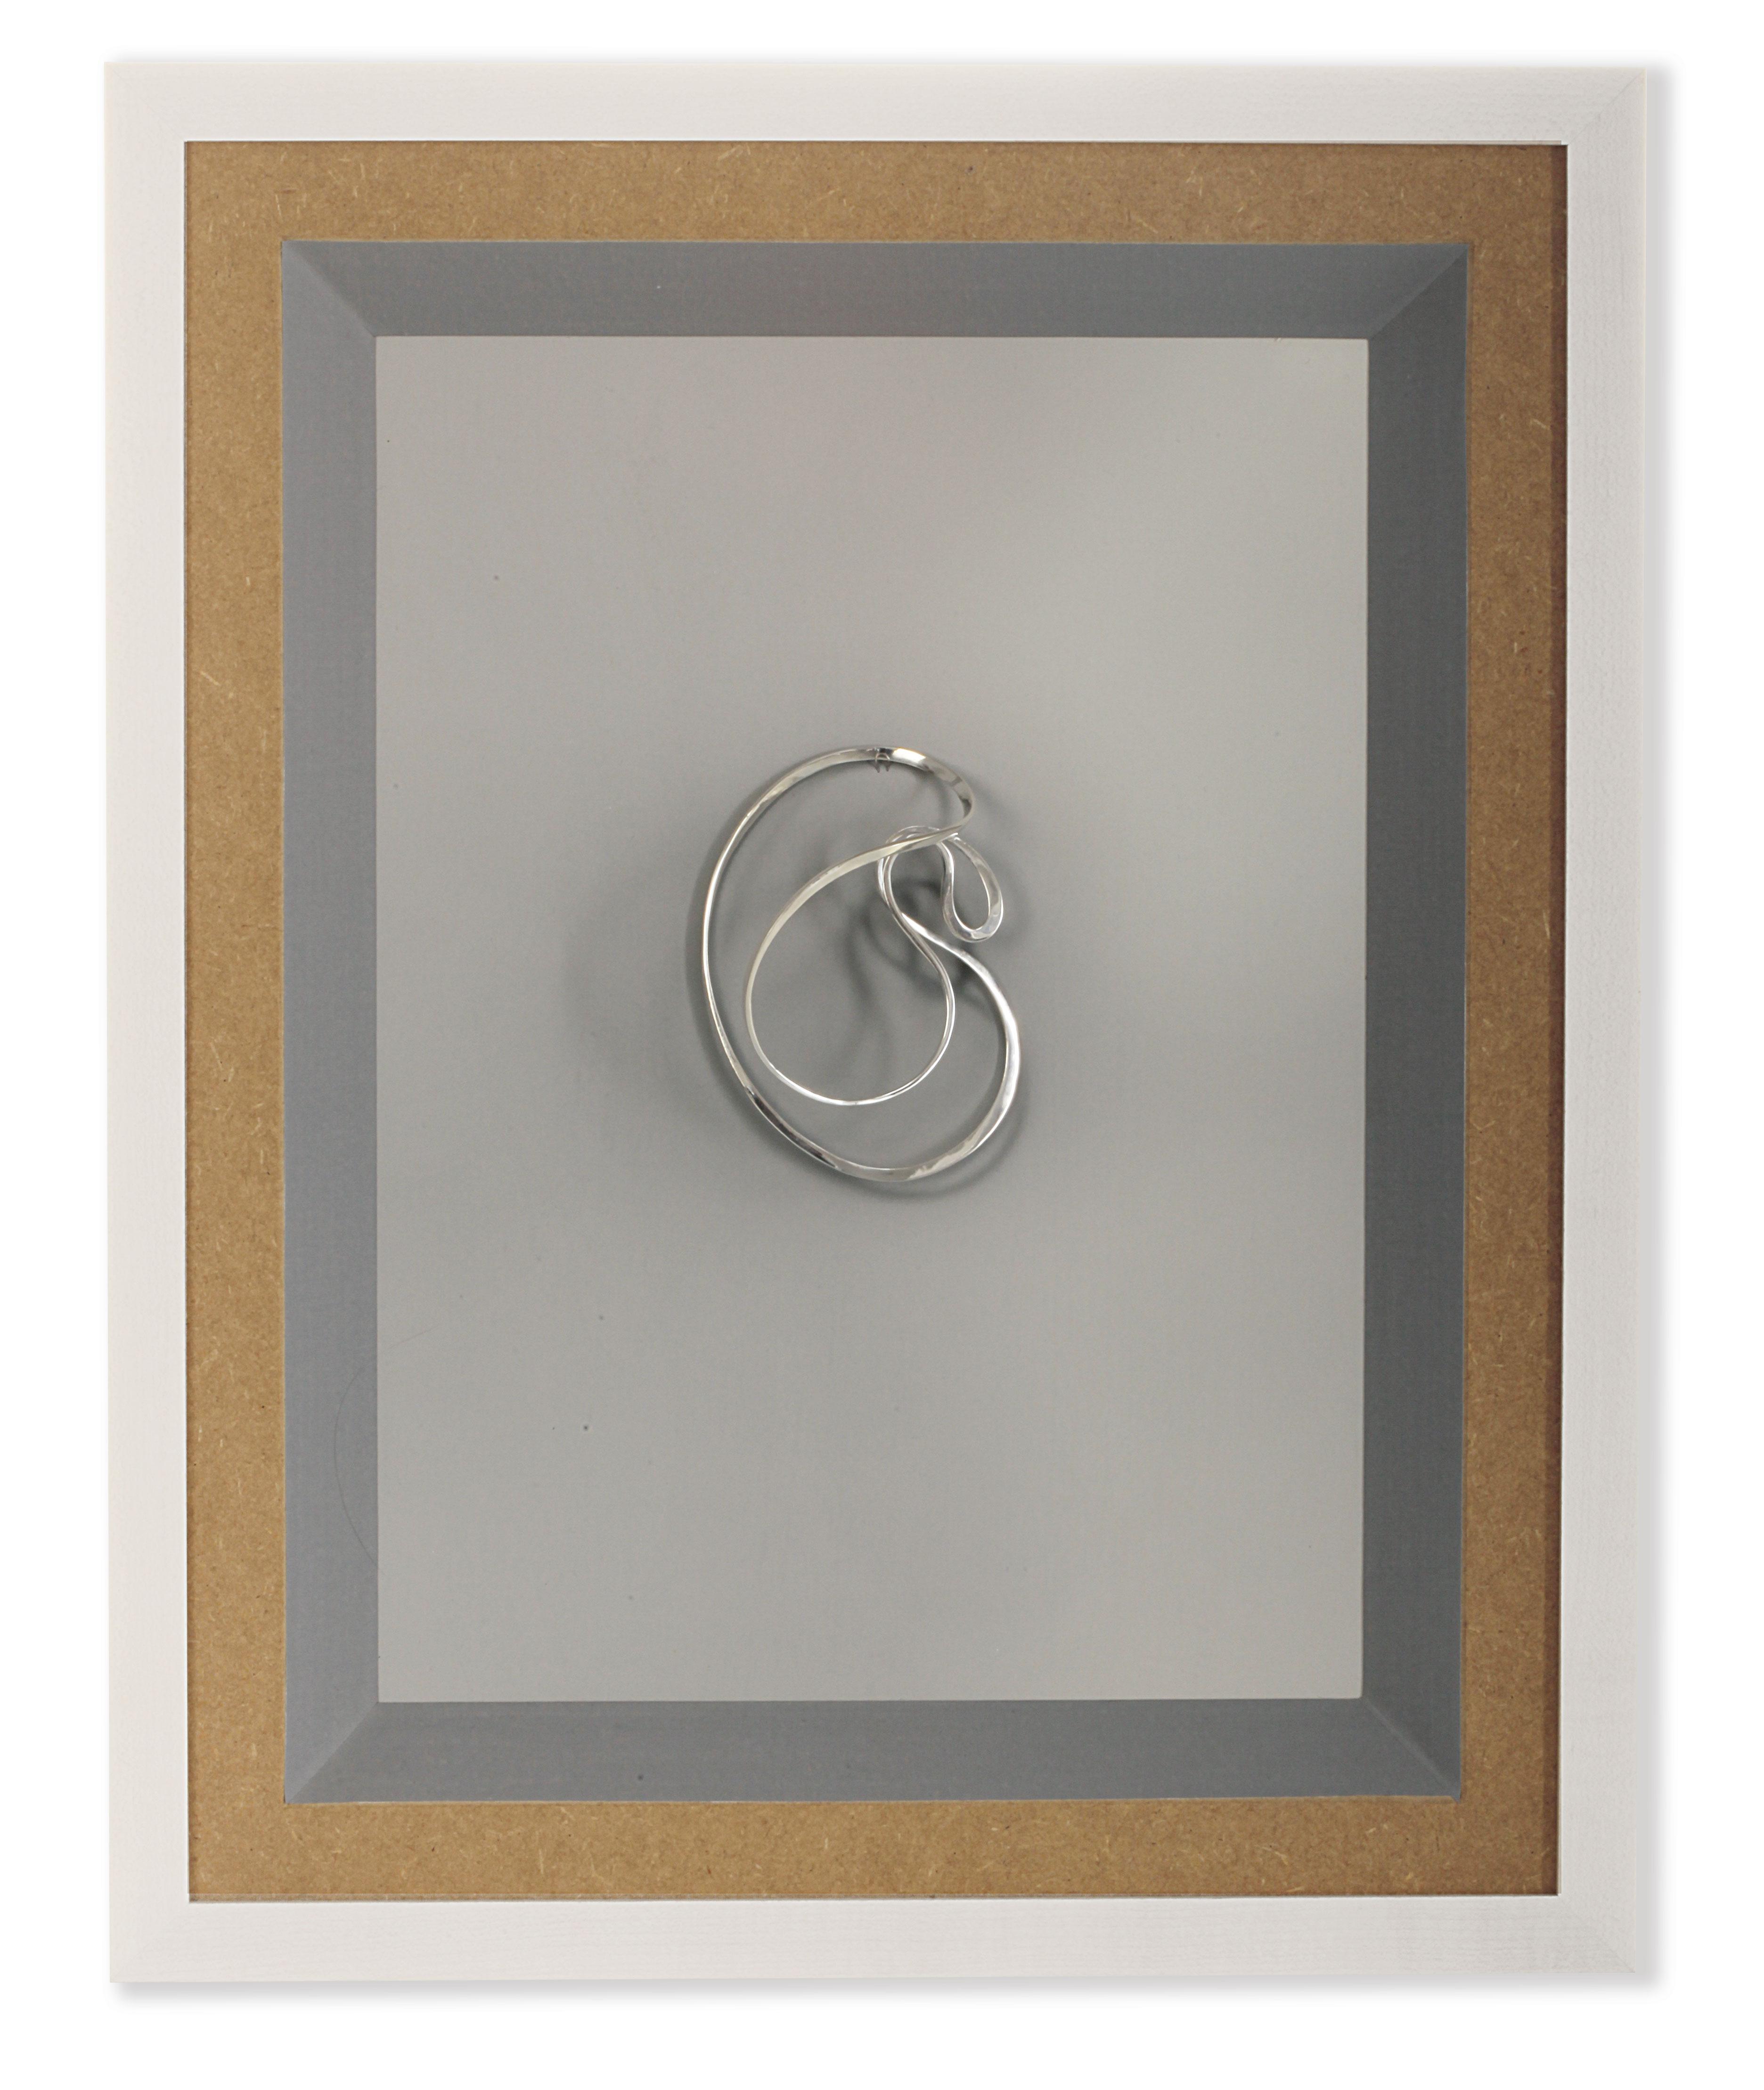 Swan in frame